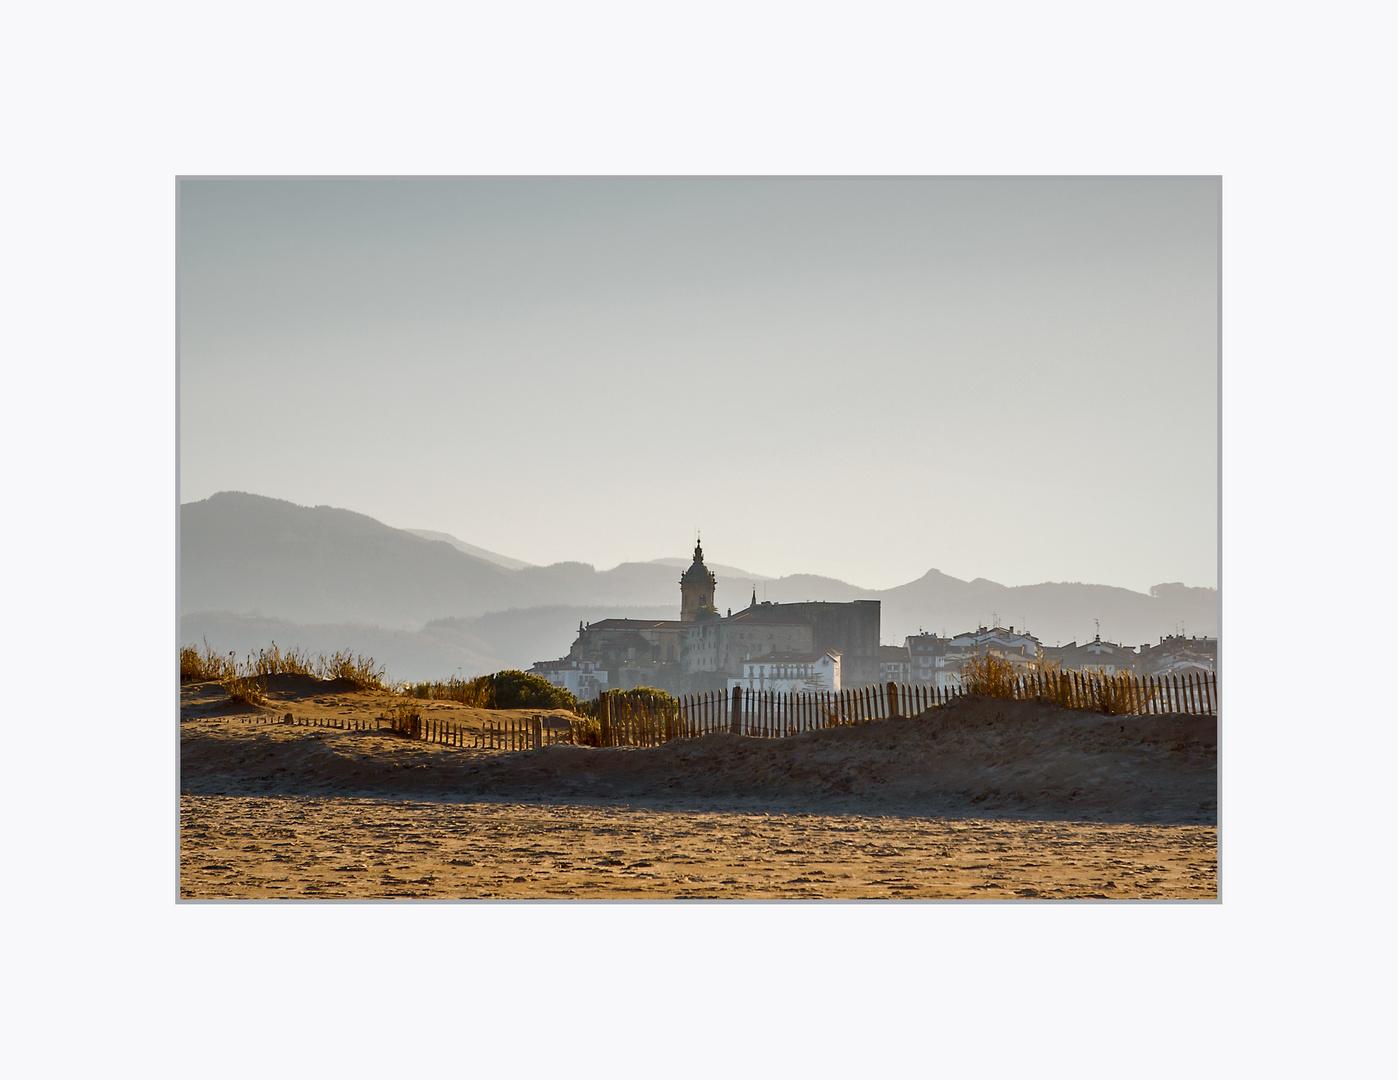 Le clocher de Santa Maria Fontarrabie